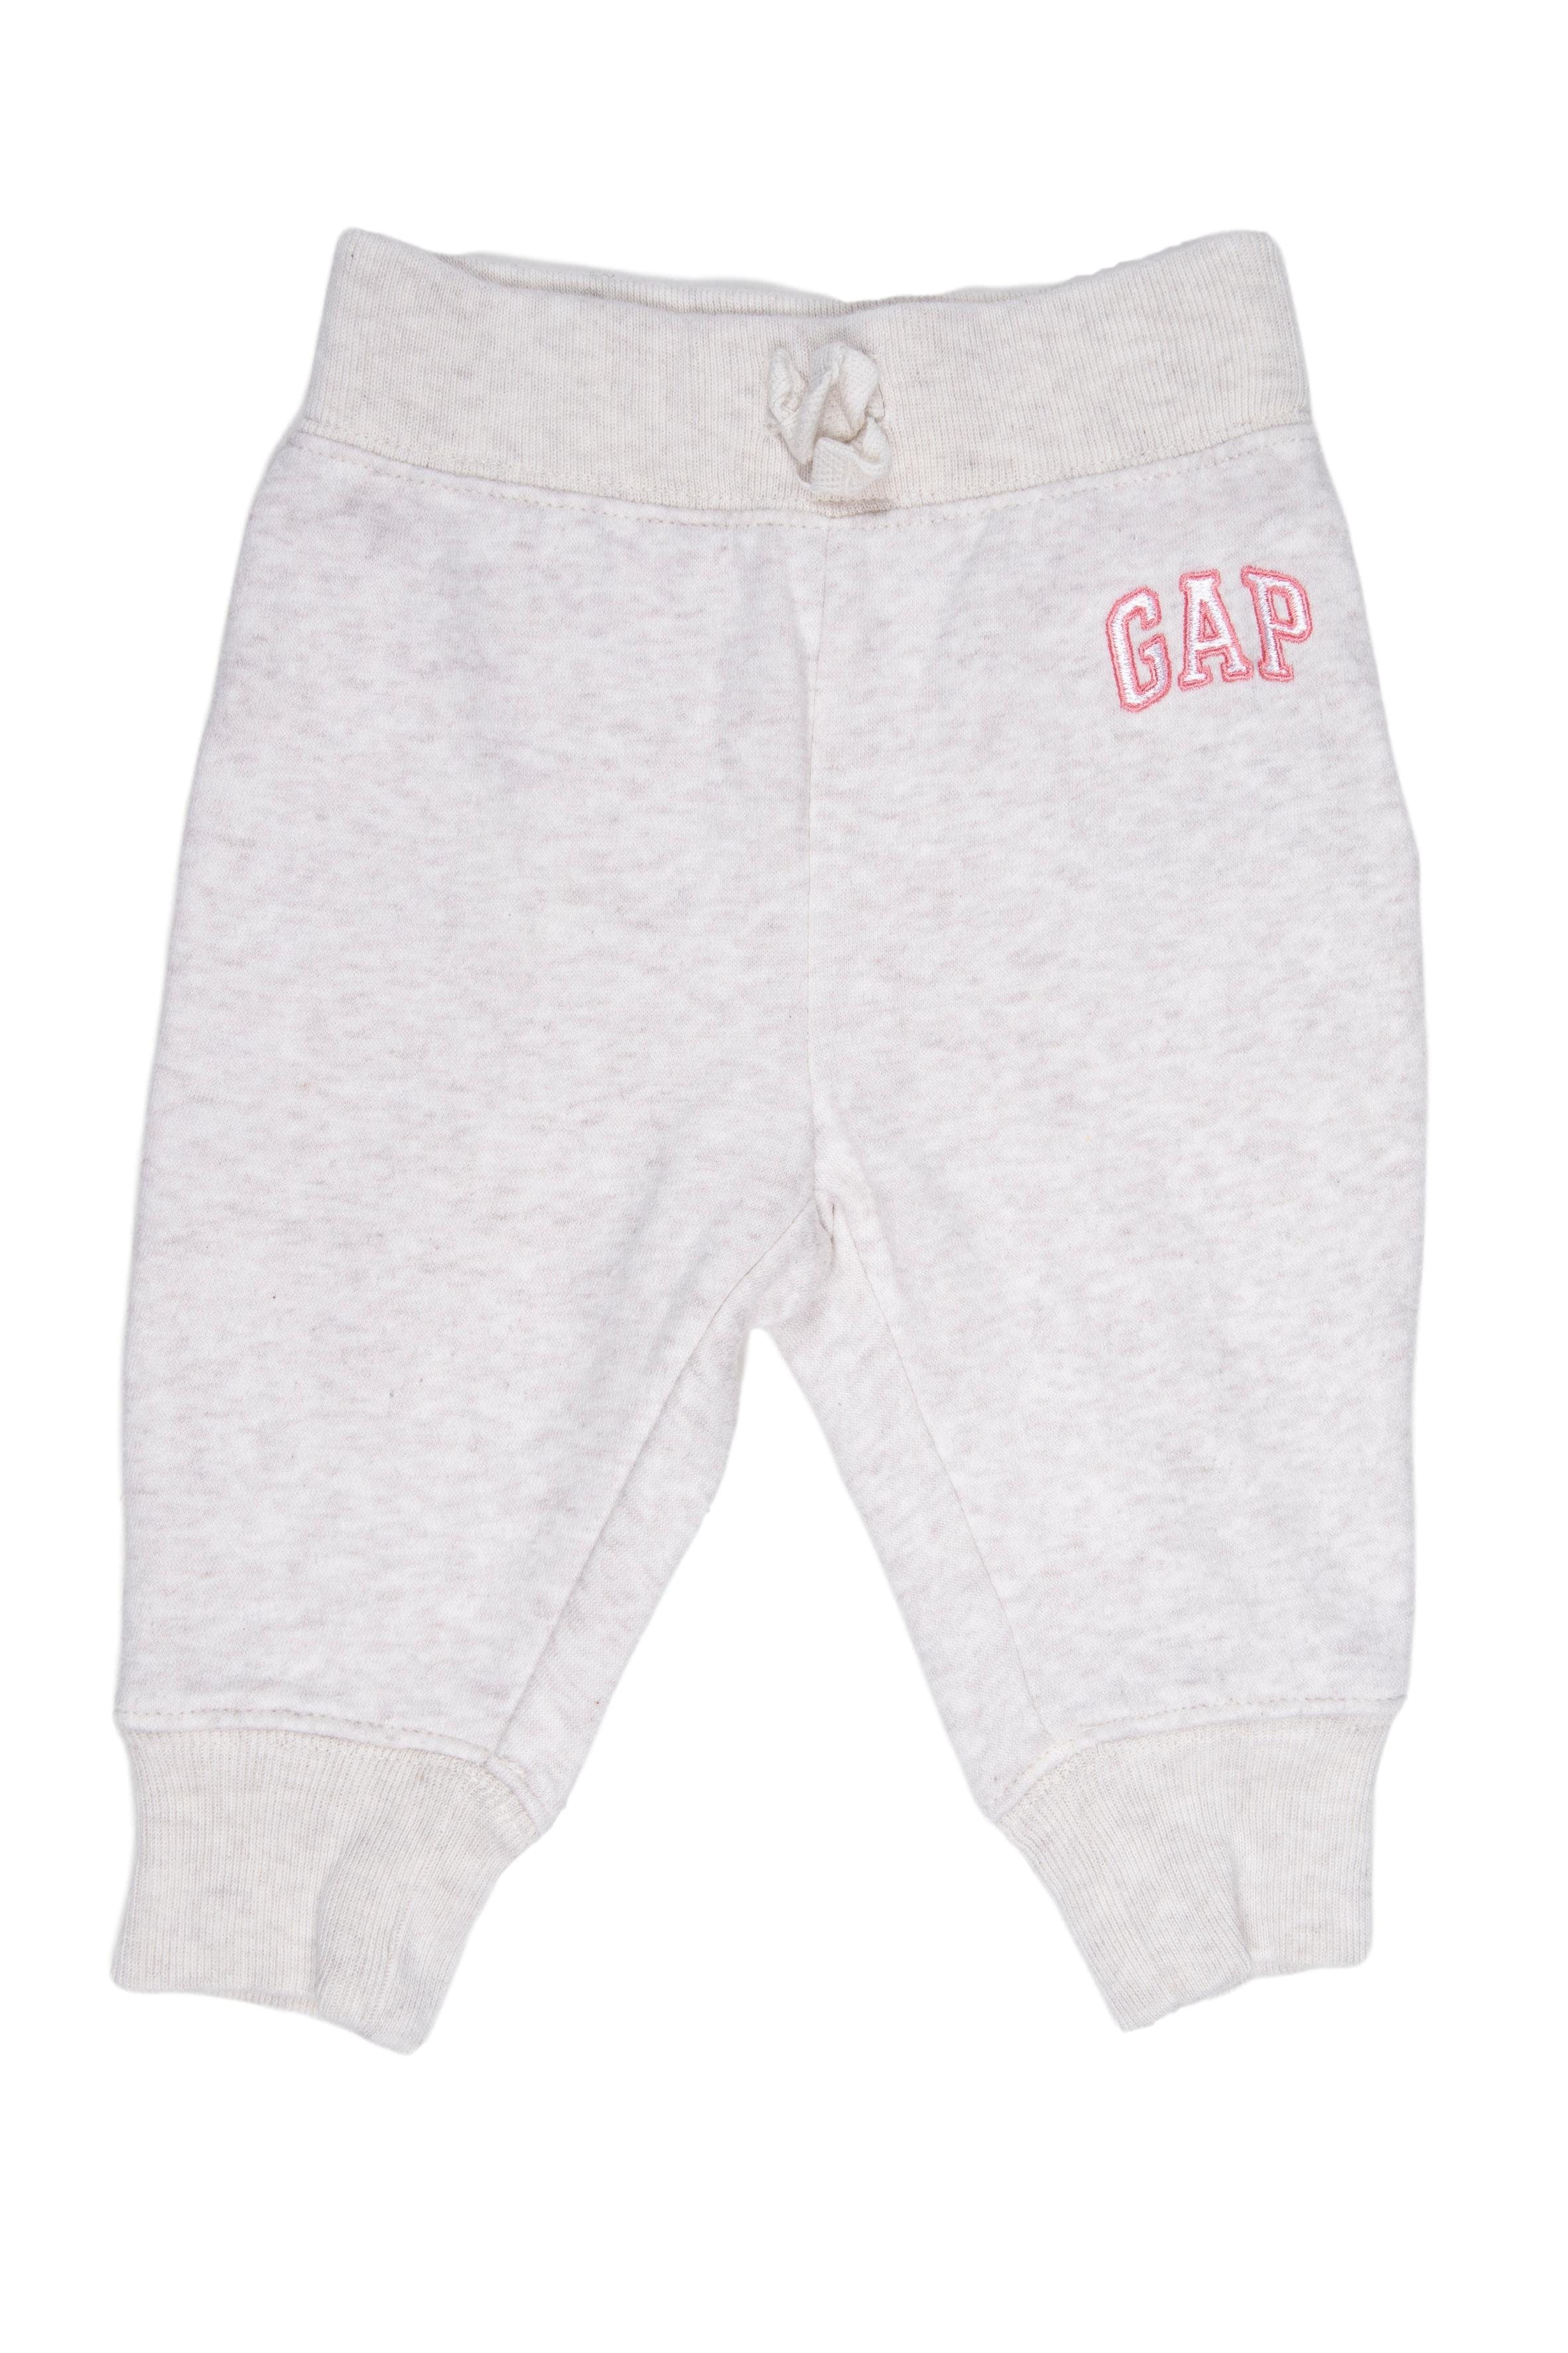 pantalón de buzo Gap Talla en etioqueta: 6 - 12 m pero lo vemos chico, hasta 10 - 11 meses depende del bebé. - Gap